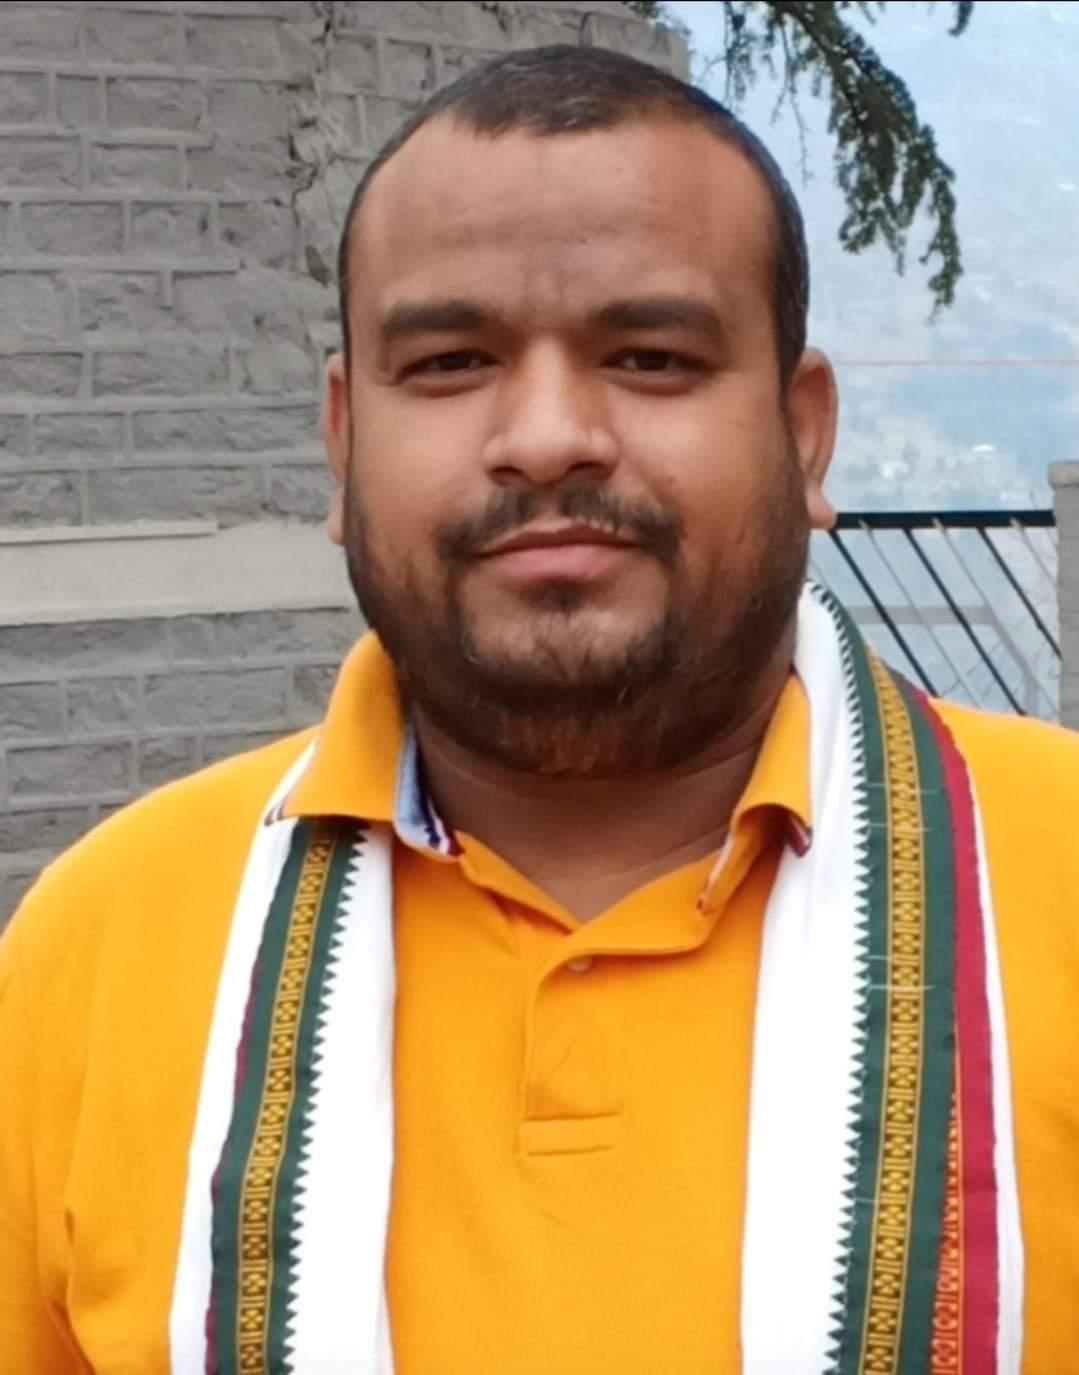 पार्षद सुशील शर्मा बने जालन्धर BJP के अध्यक्ष. प्रदेशाध्यक्ष अश्वनी शर्मा ने सौंपी बड़ी जिम्मेदारी.